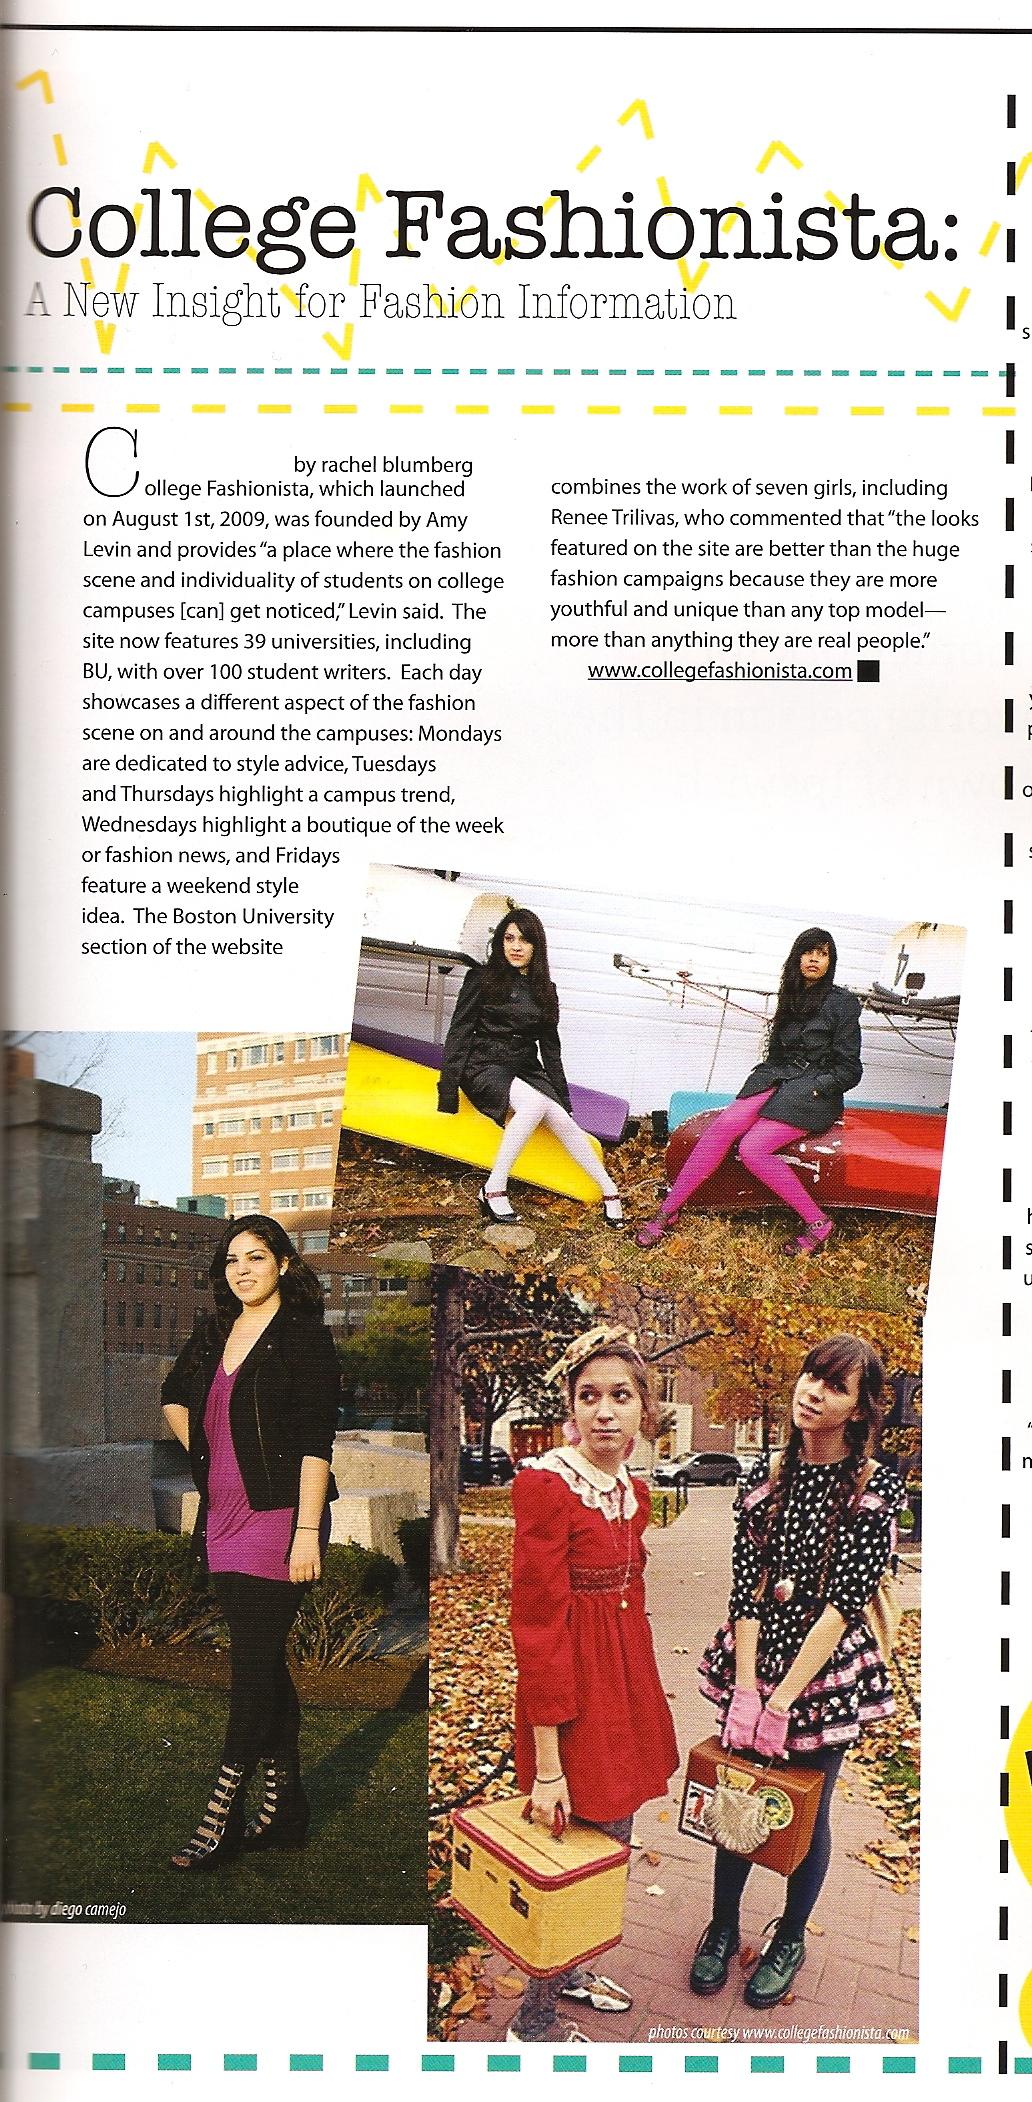 College fashionista profile renee trilivas for College fashion